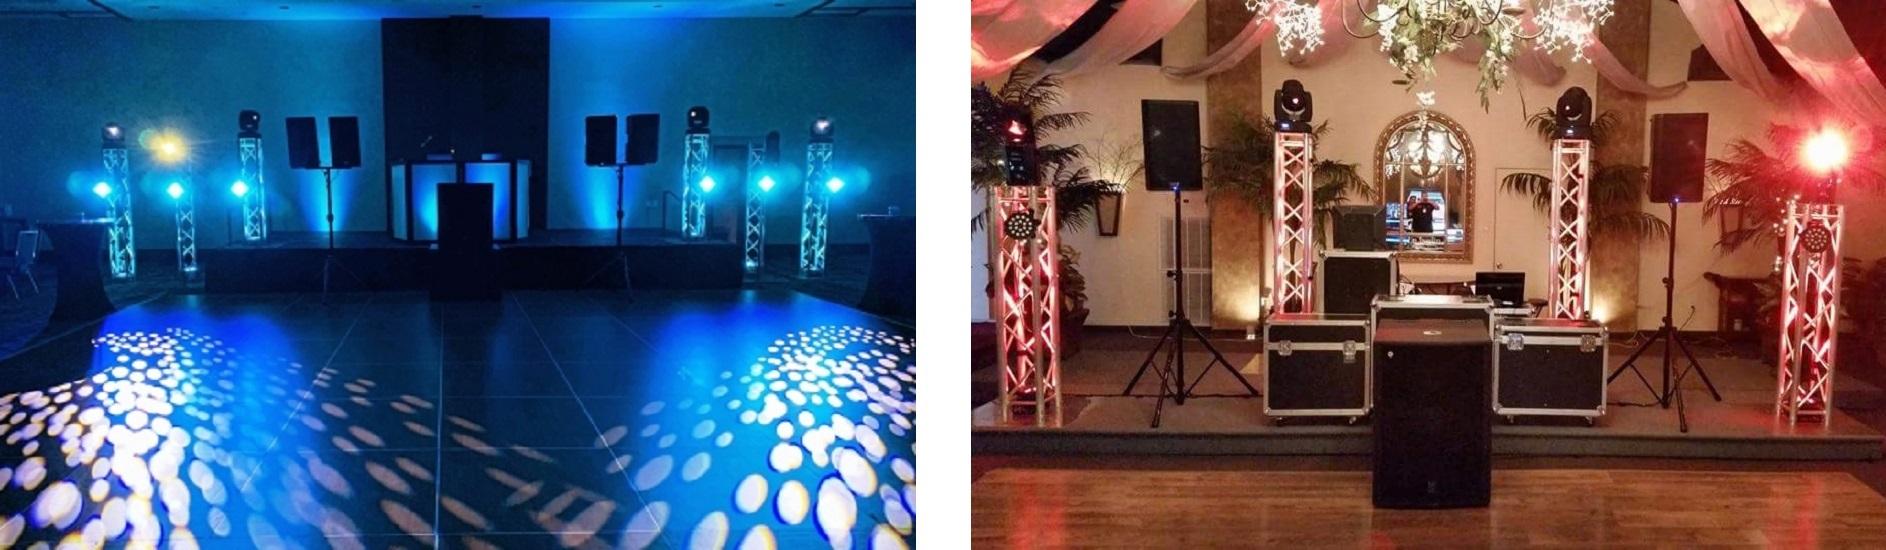 Houston Wedding DJ, DJs in Houston, Houston DJ, Dance Floor Lighting Decor, Club Lighting, Moving Heads, Scanners, Spot Lighting, DMX, Light Floods for a Houston Wedding, Houston Quinceañera, Houston Sweet 16, Social Event, School Event, Houston Prom, Houston Homecoming, Houston School Dance, High School, Jr. High School, Awesome Lighting Decor, Awesome Music Entertainment, Awesome Event Pros, AME DJs, Sonido DJ Sammy De Houston